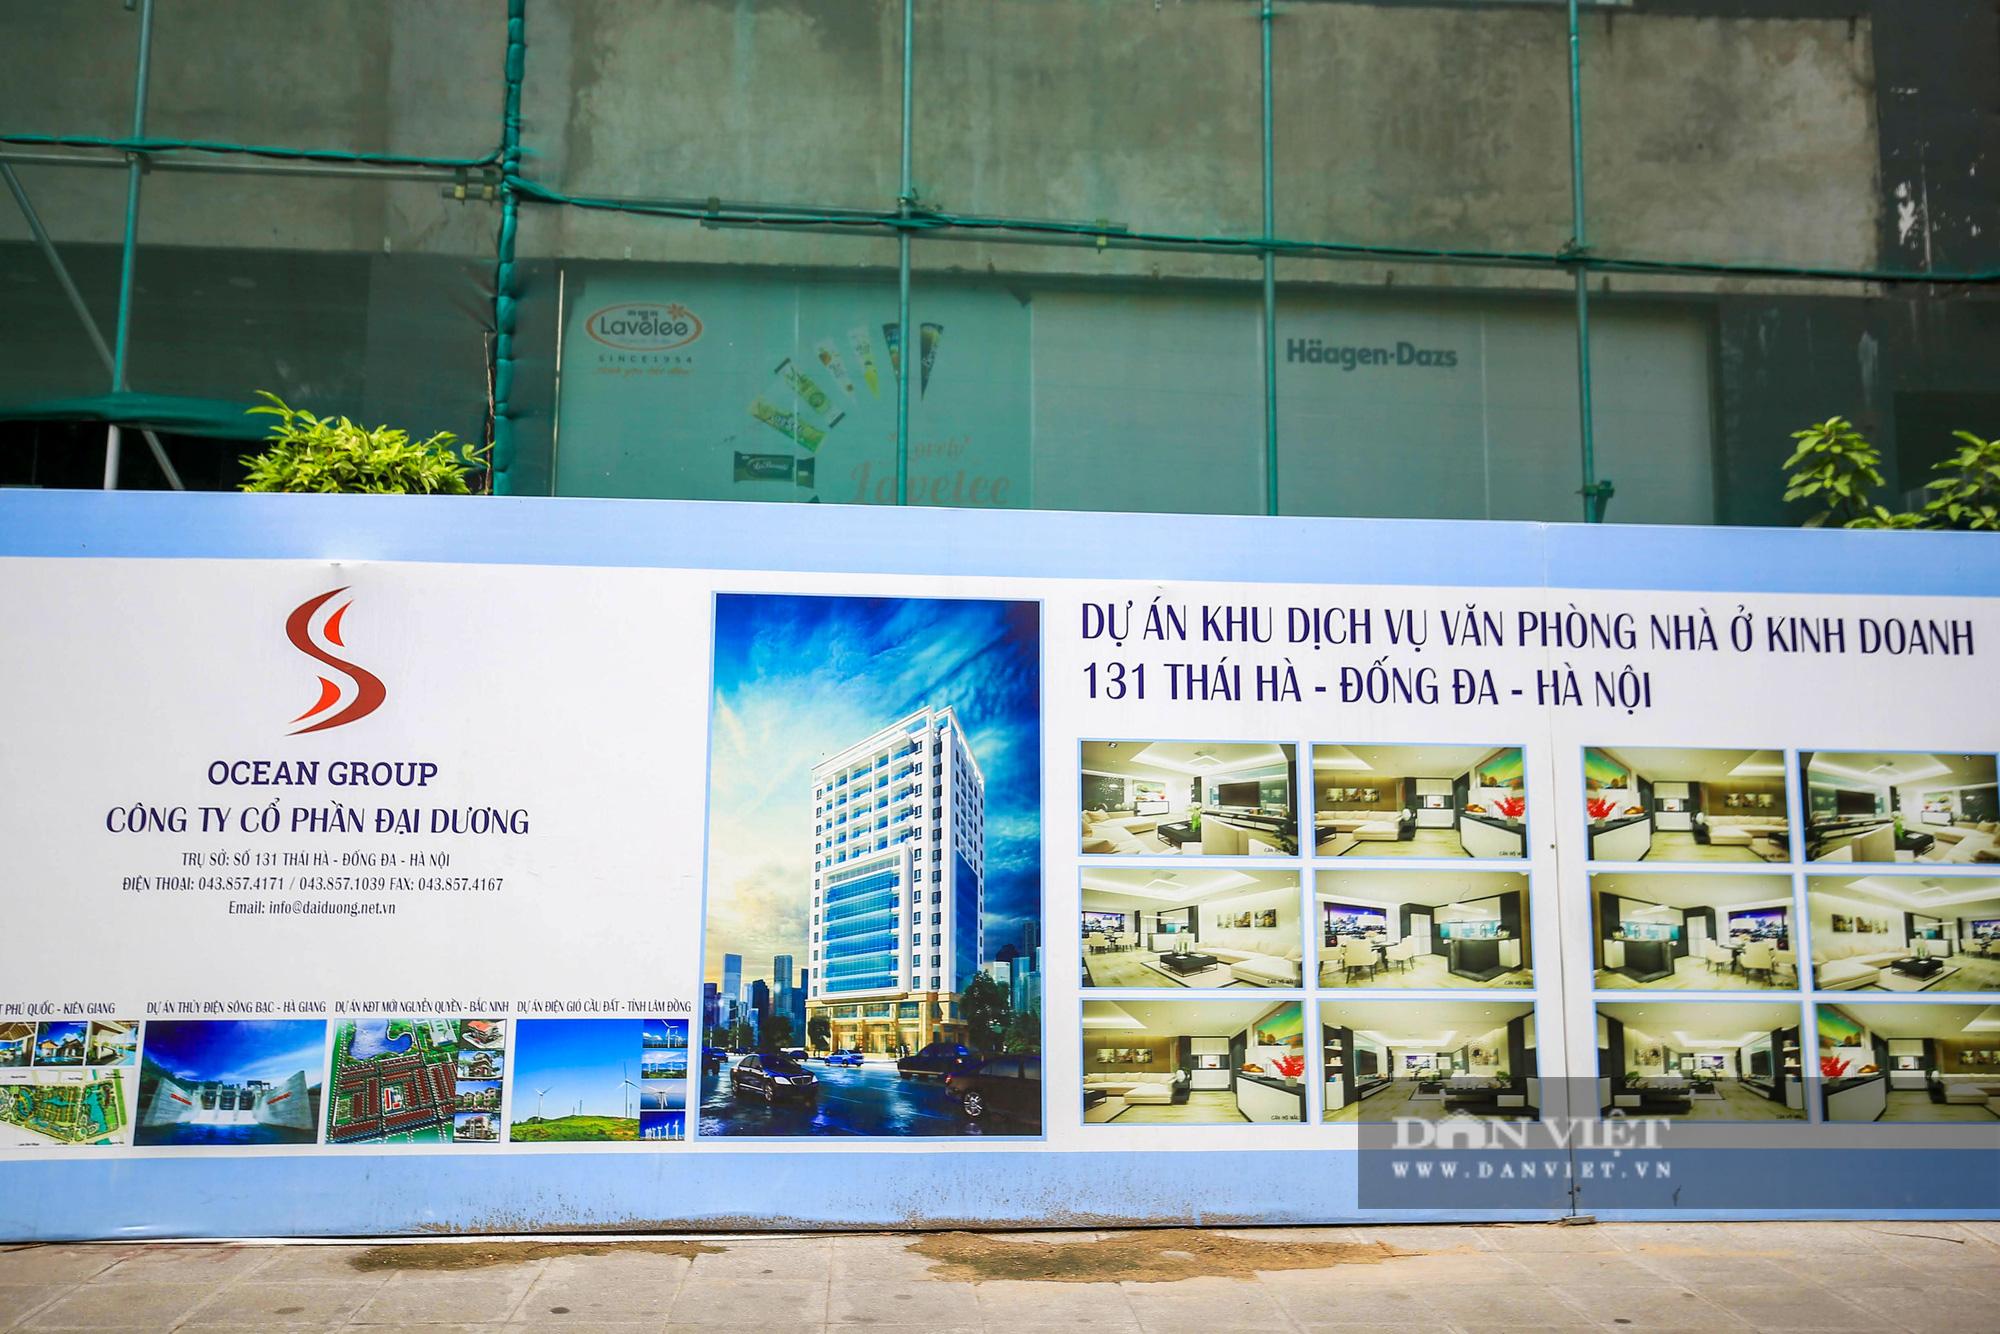 """Toàn cảnh dự án cao ốc 131 Thái Hà bị """"lãng quên"""" hơn 1 thập kỷ - Ảnh 9."""